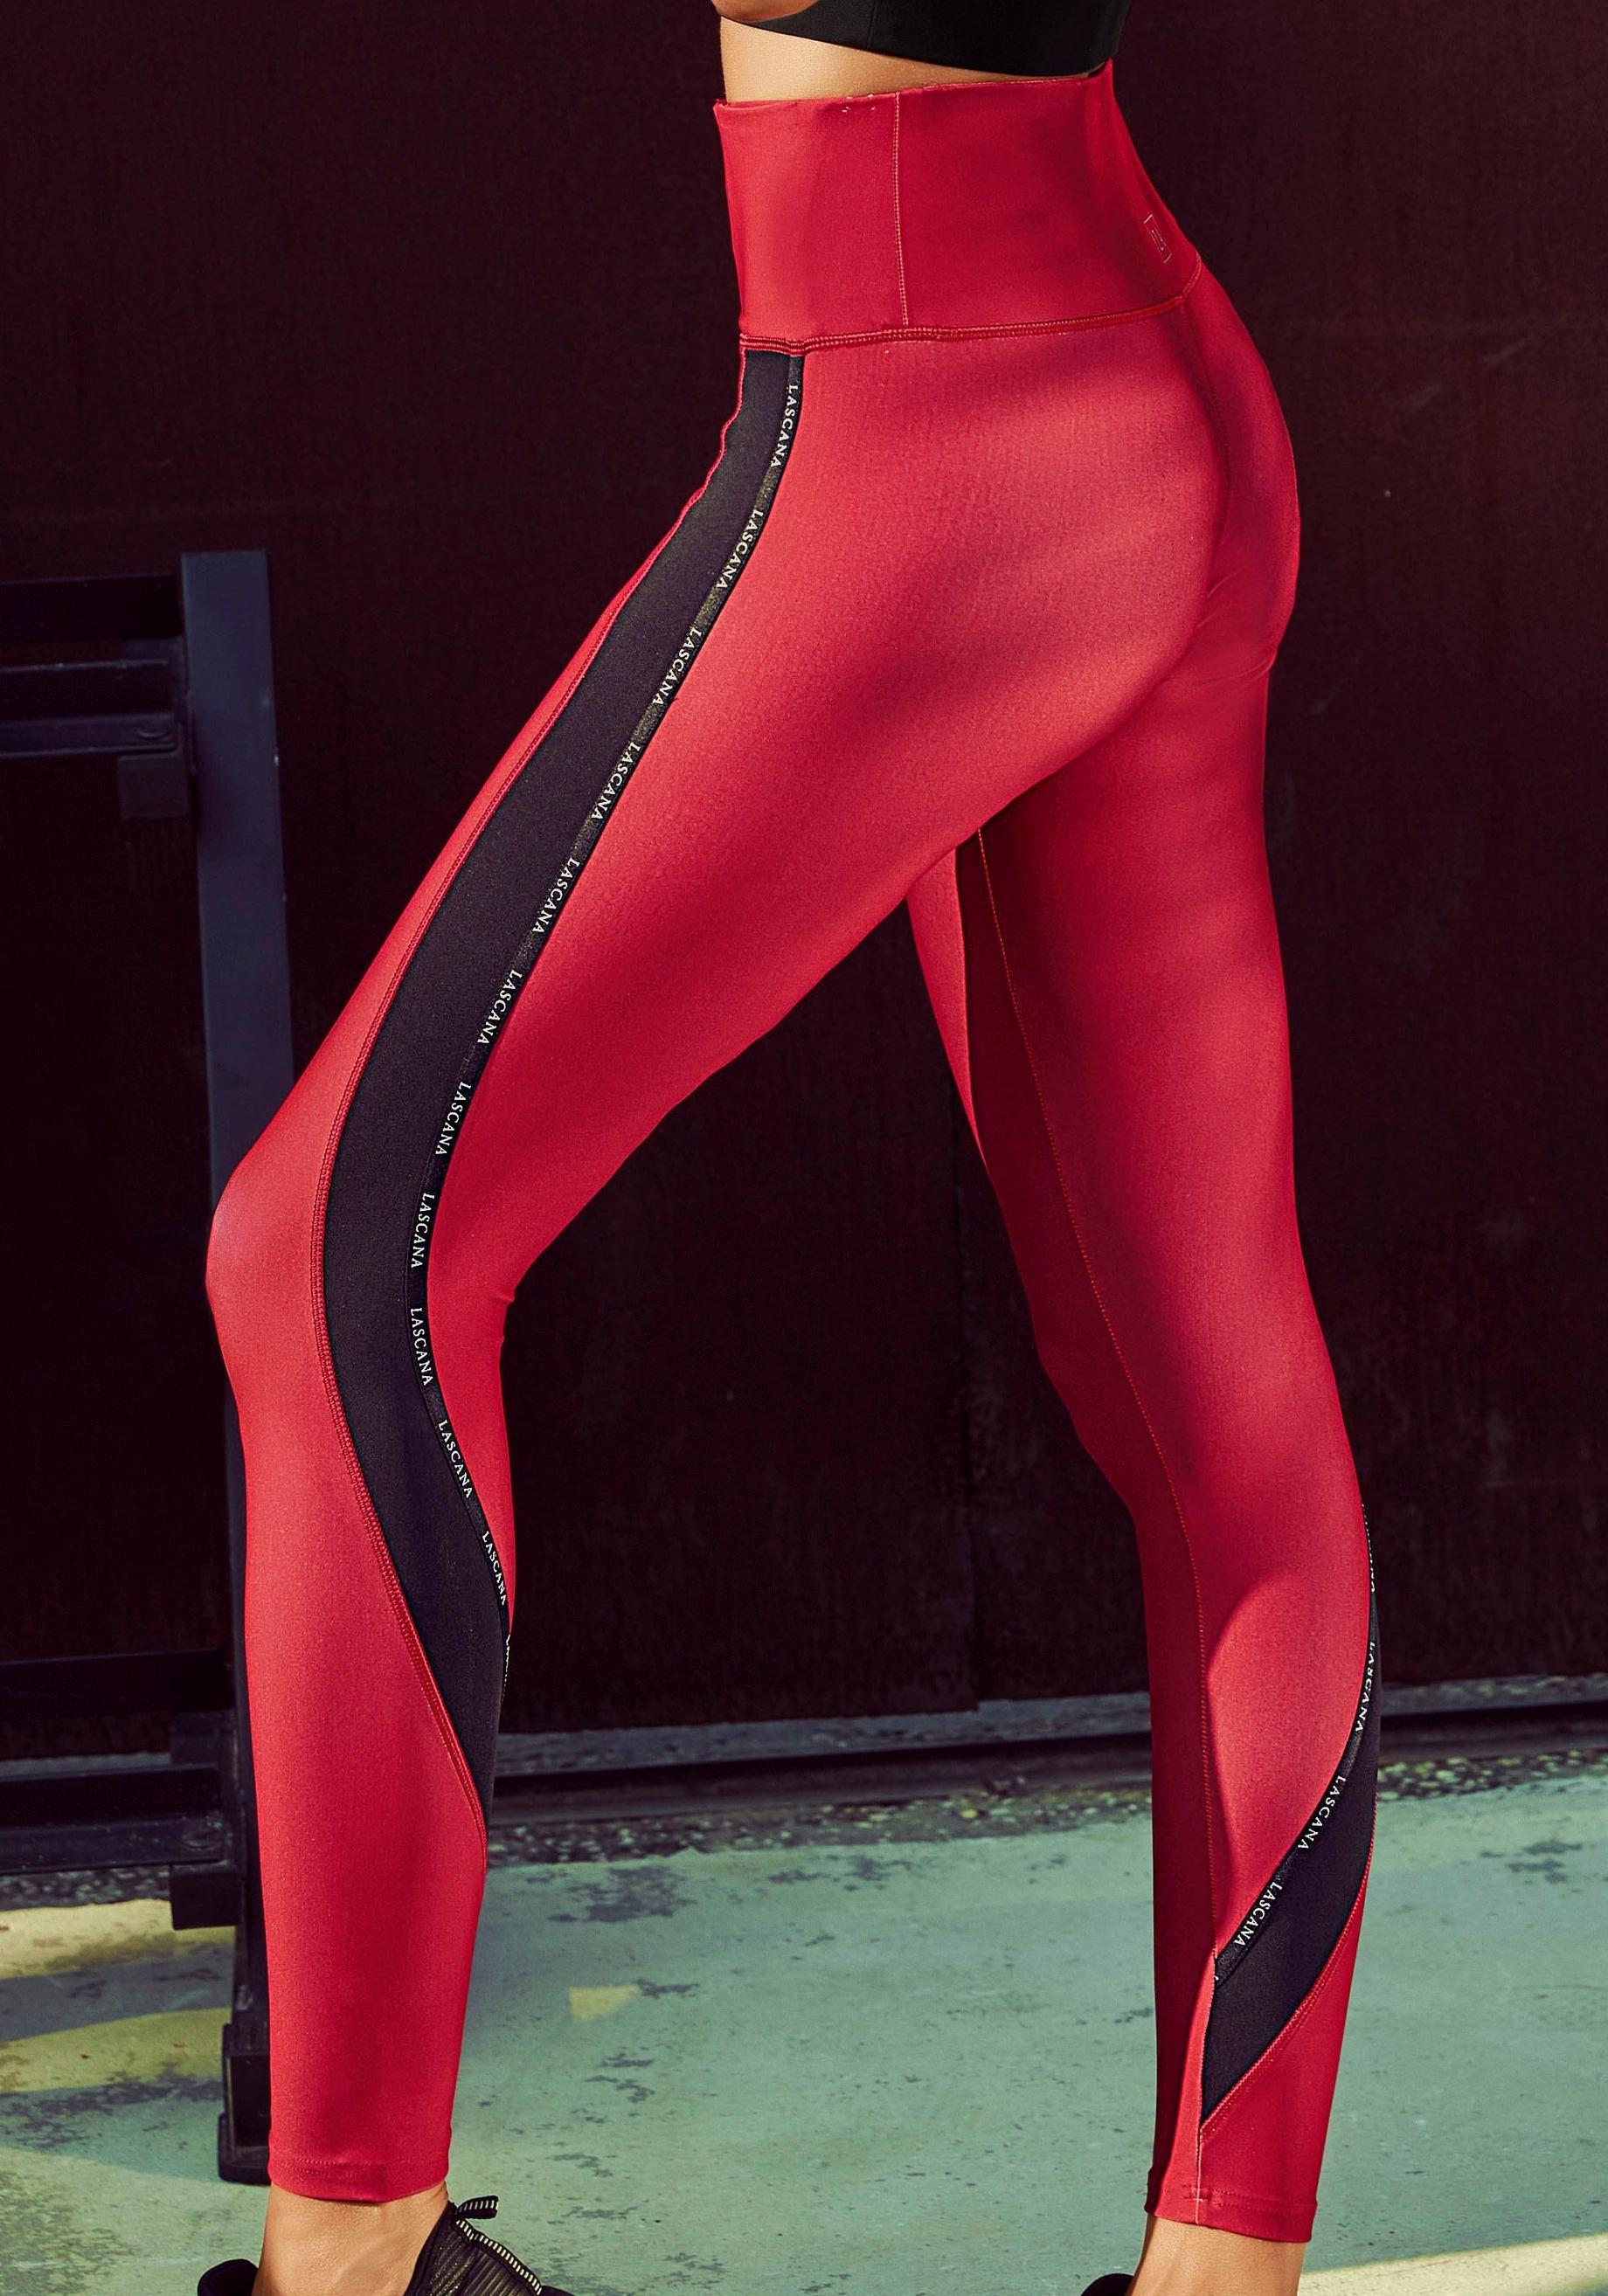 active by Lascana functionele legging Technical Red met contrastkleurige strepen online kopen op lascana.nl